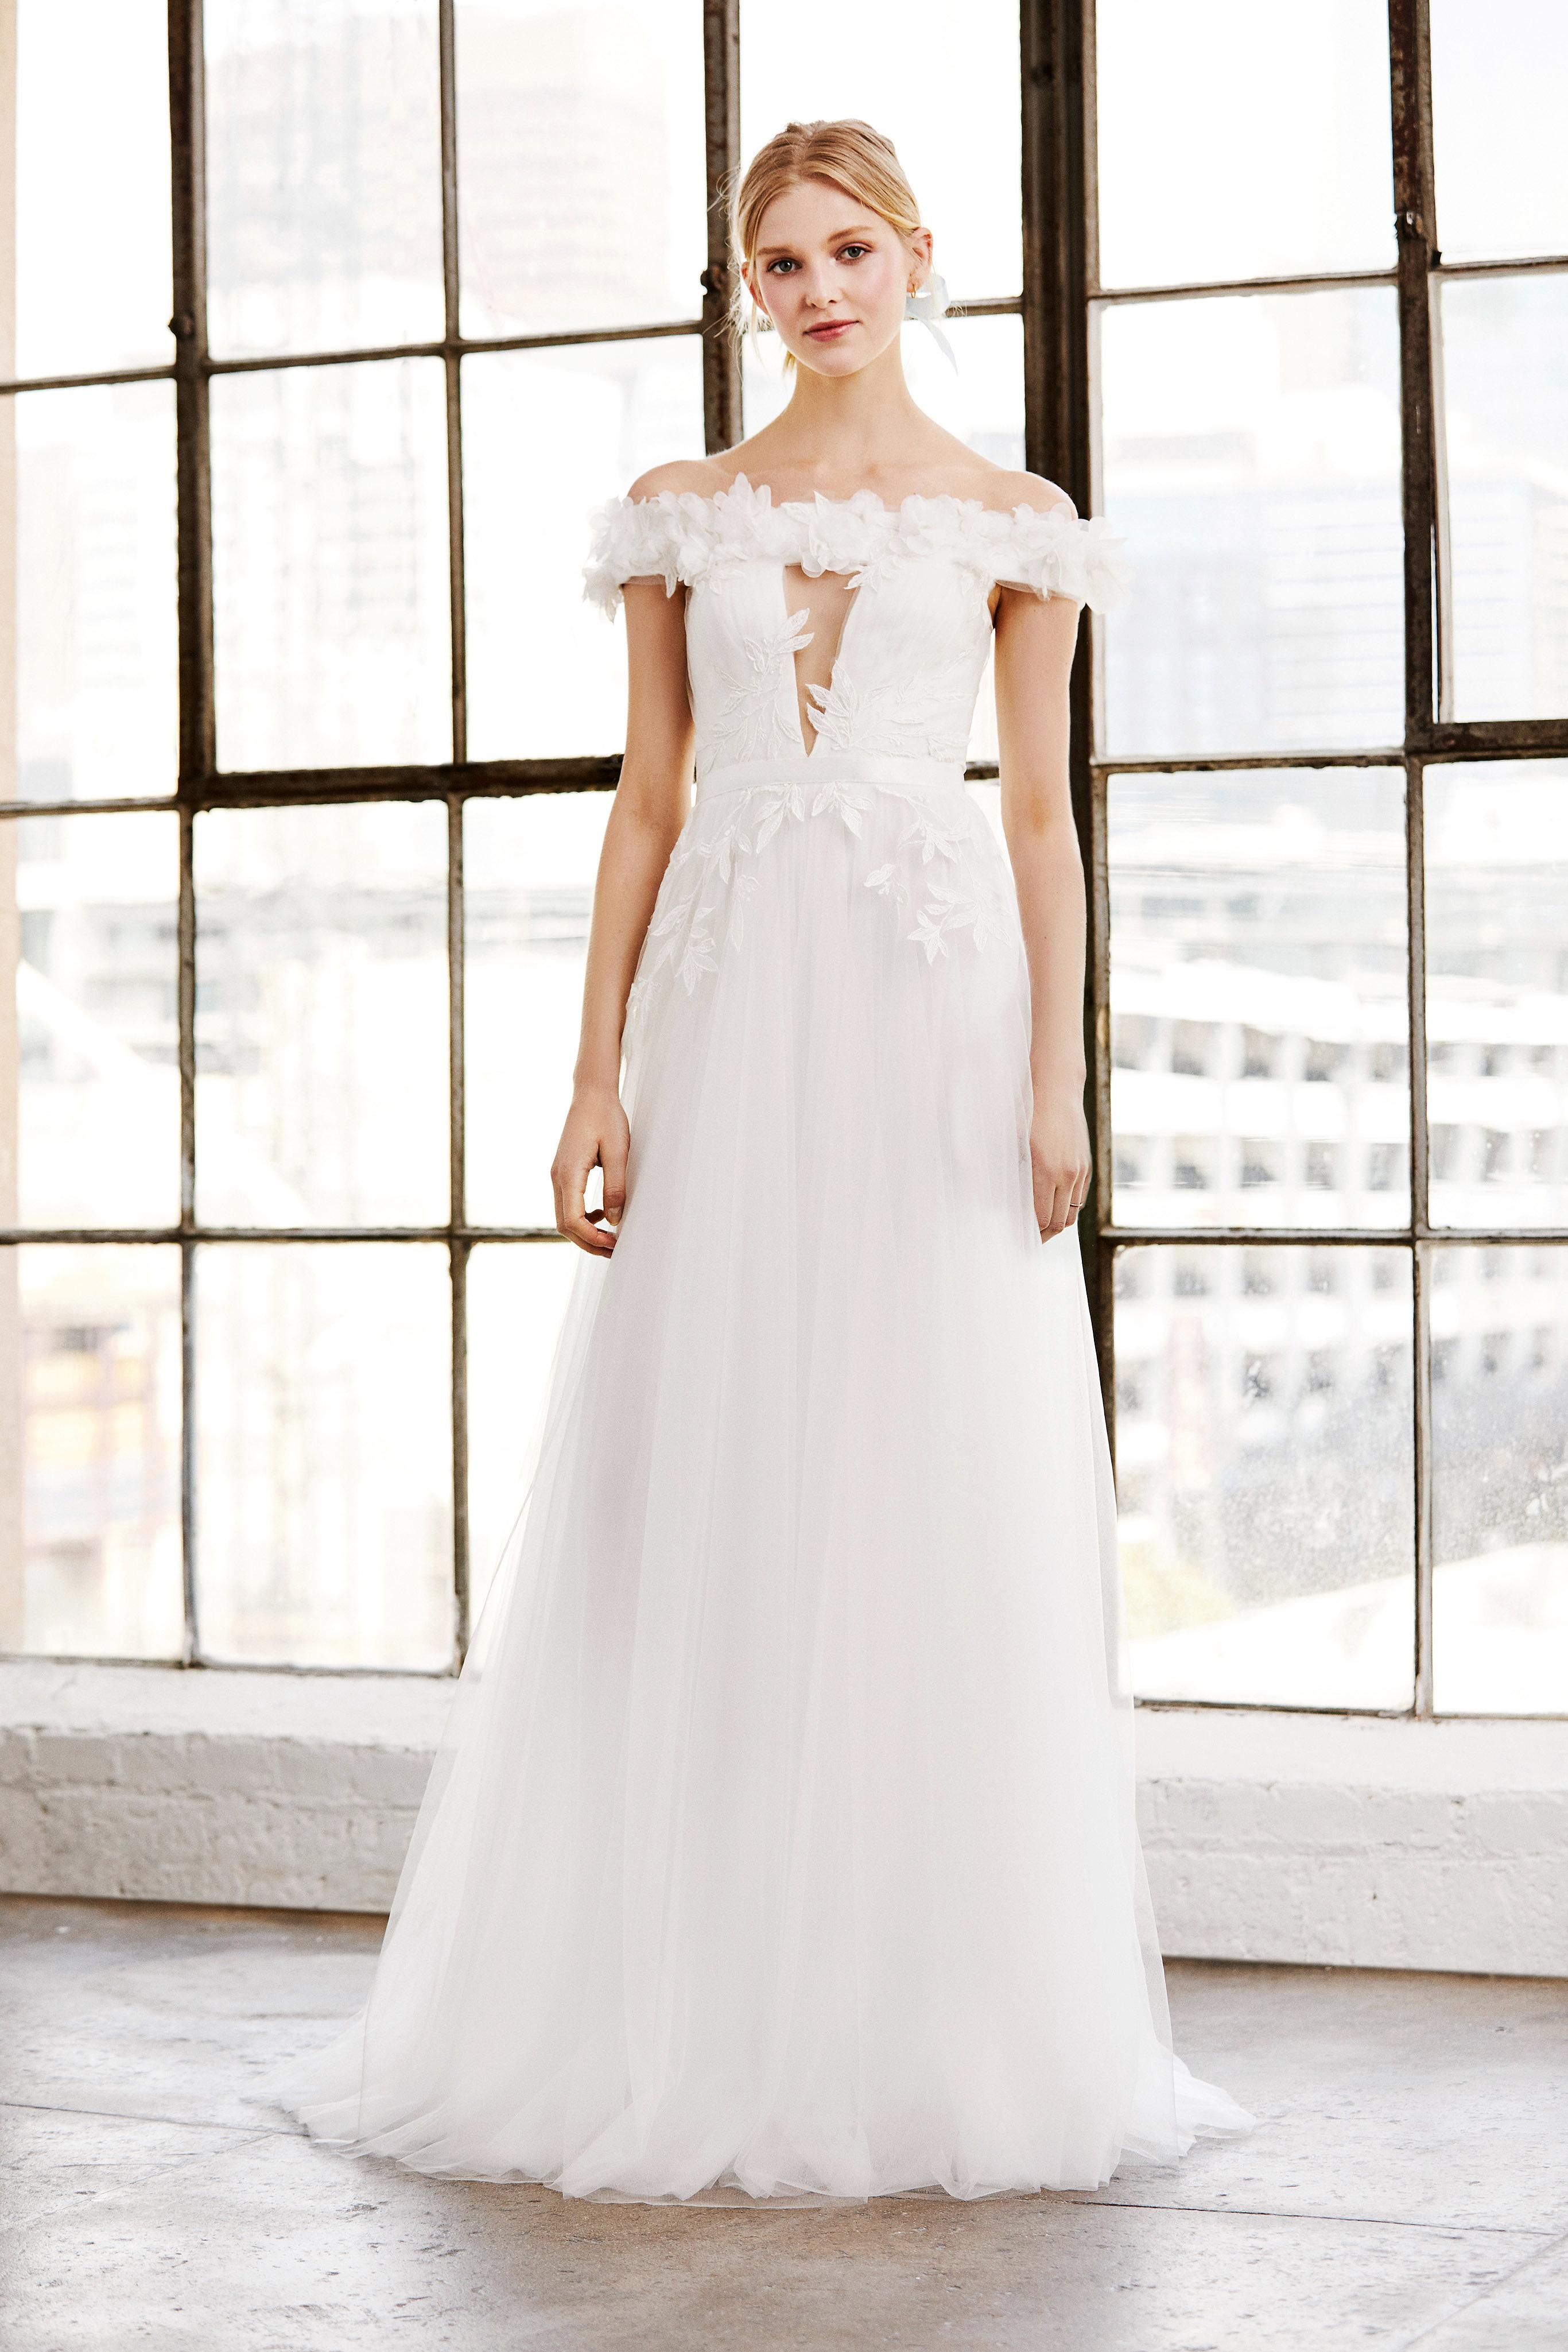 tadashi shoji wedding dress spring 2019 off the shoulder cutout a-line